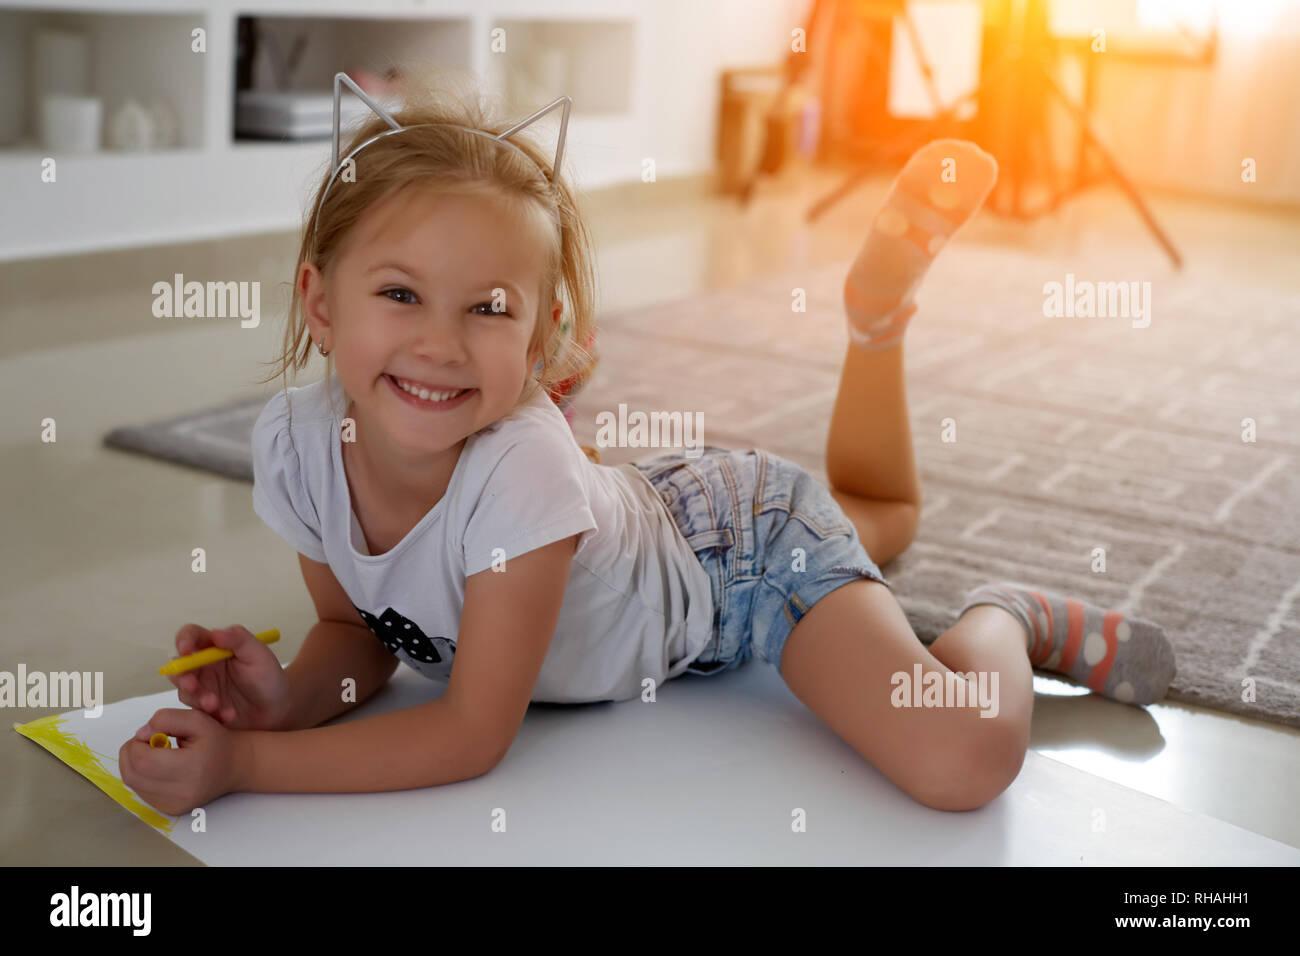 Glückliches Kind. Foto betrachten Seite kreative Mädchen liegen in der Nähe der Bücher und Spielwaren, Zeichnen Stockfoto